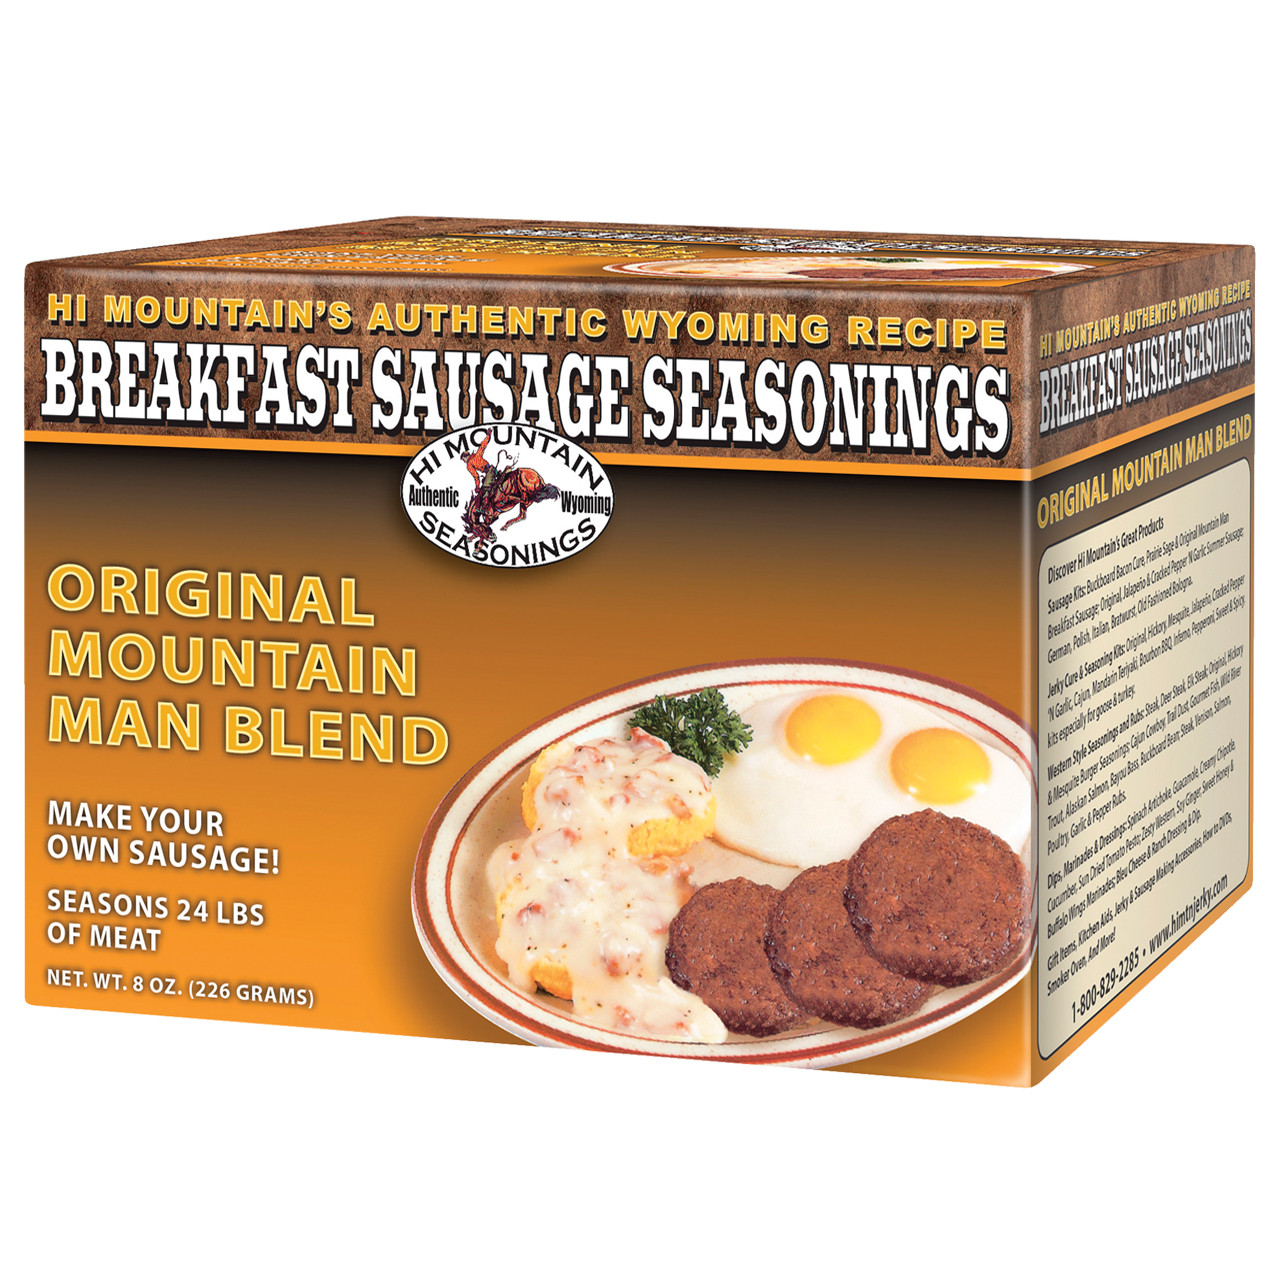 Original Mountain Man Breakfast Sausage Seasoning